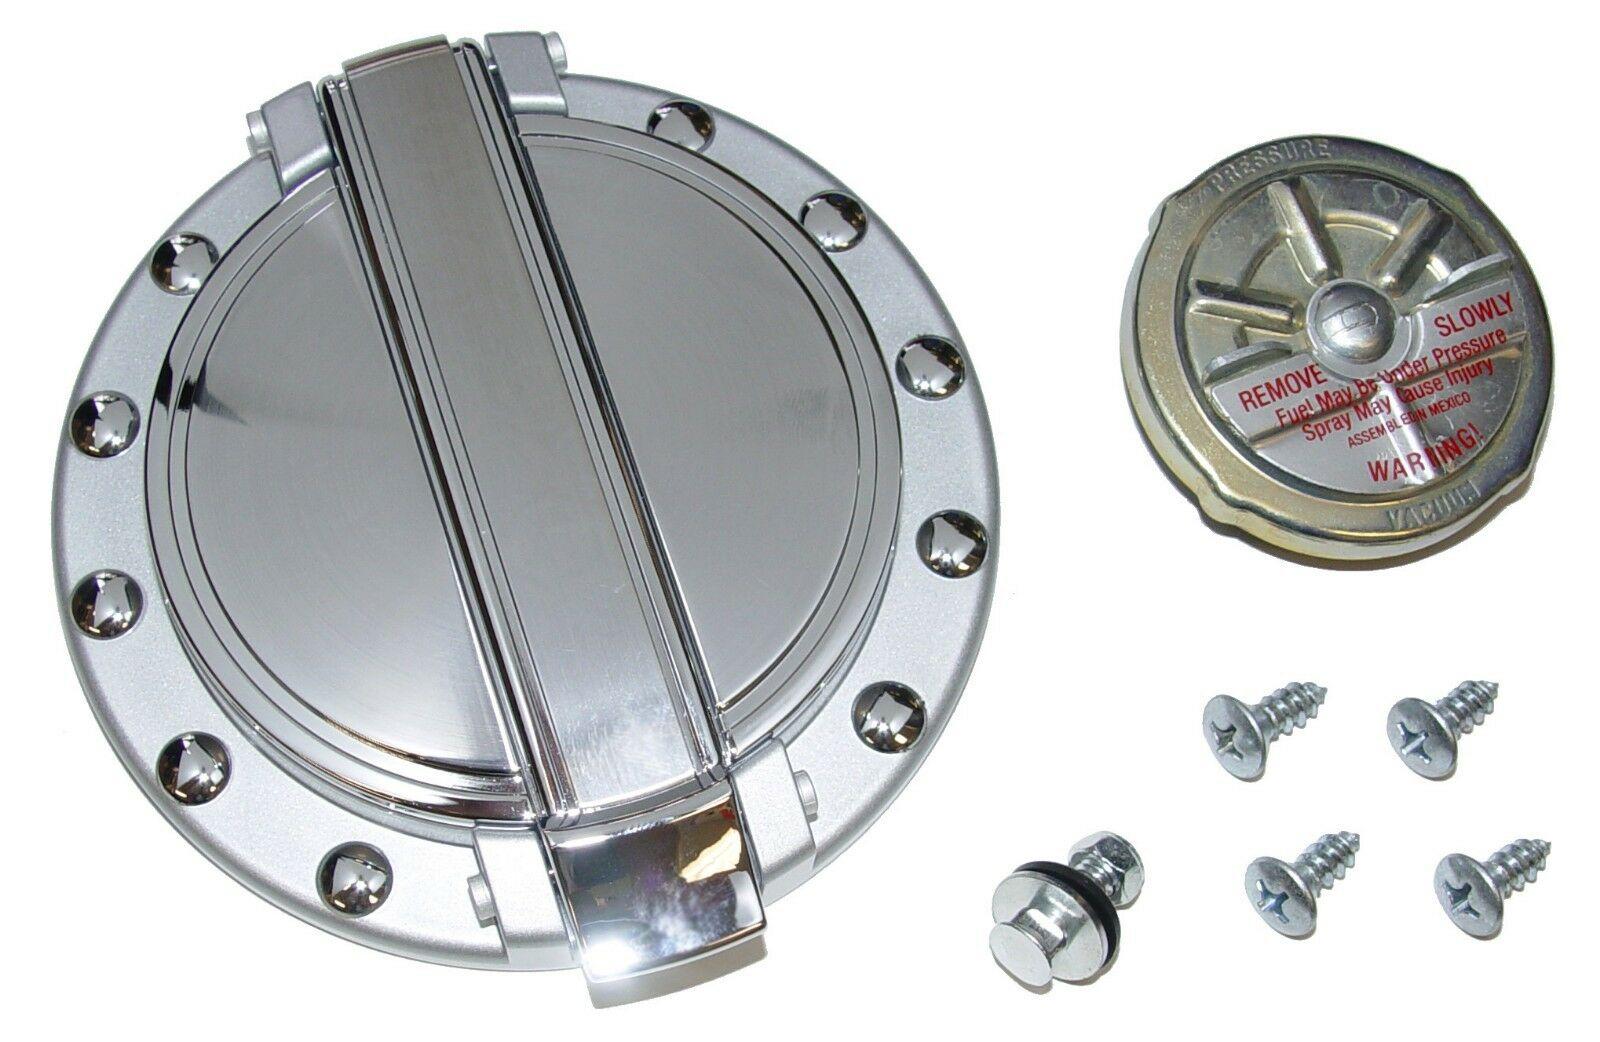 6032 Mechanics Circle Fuel Cap